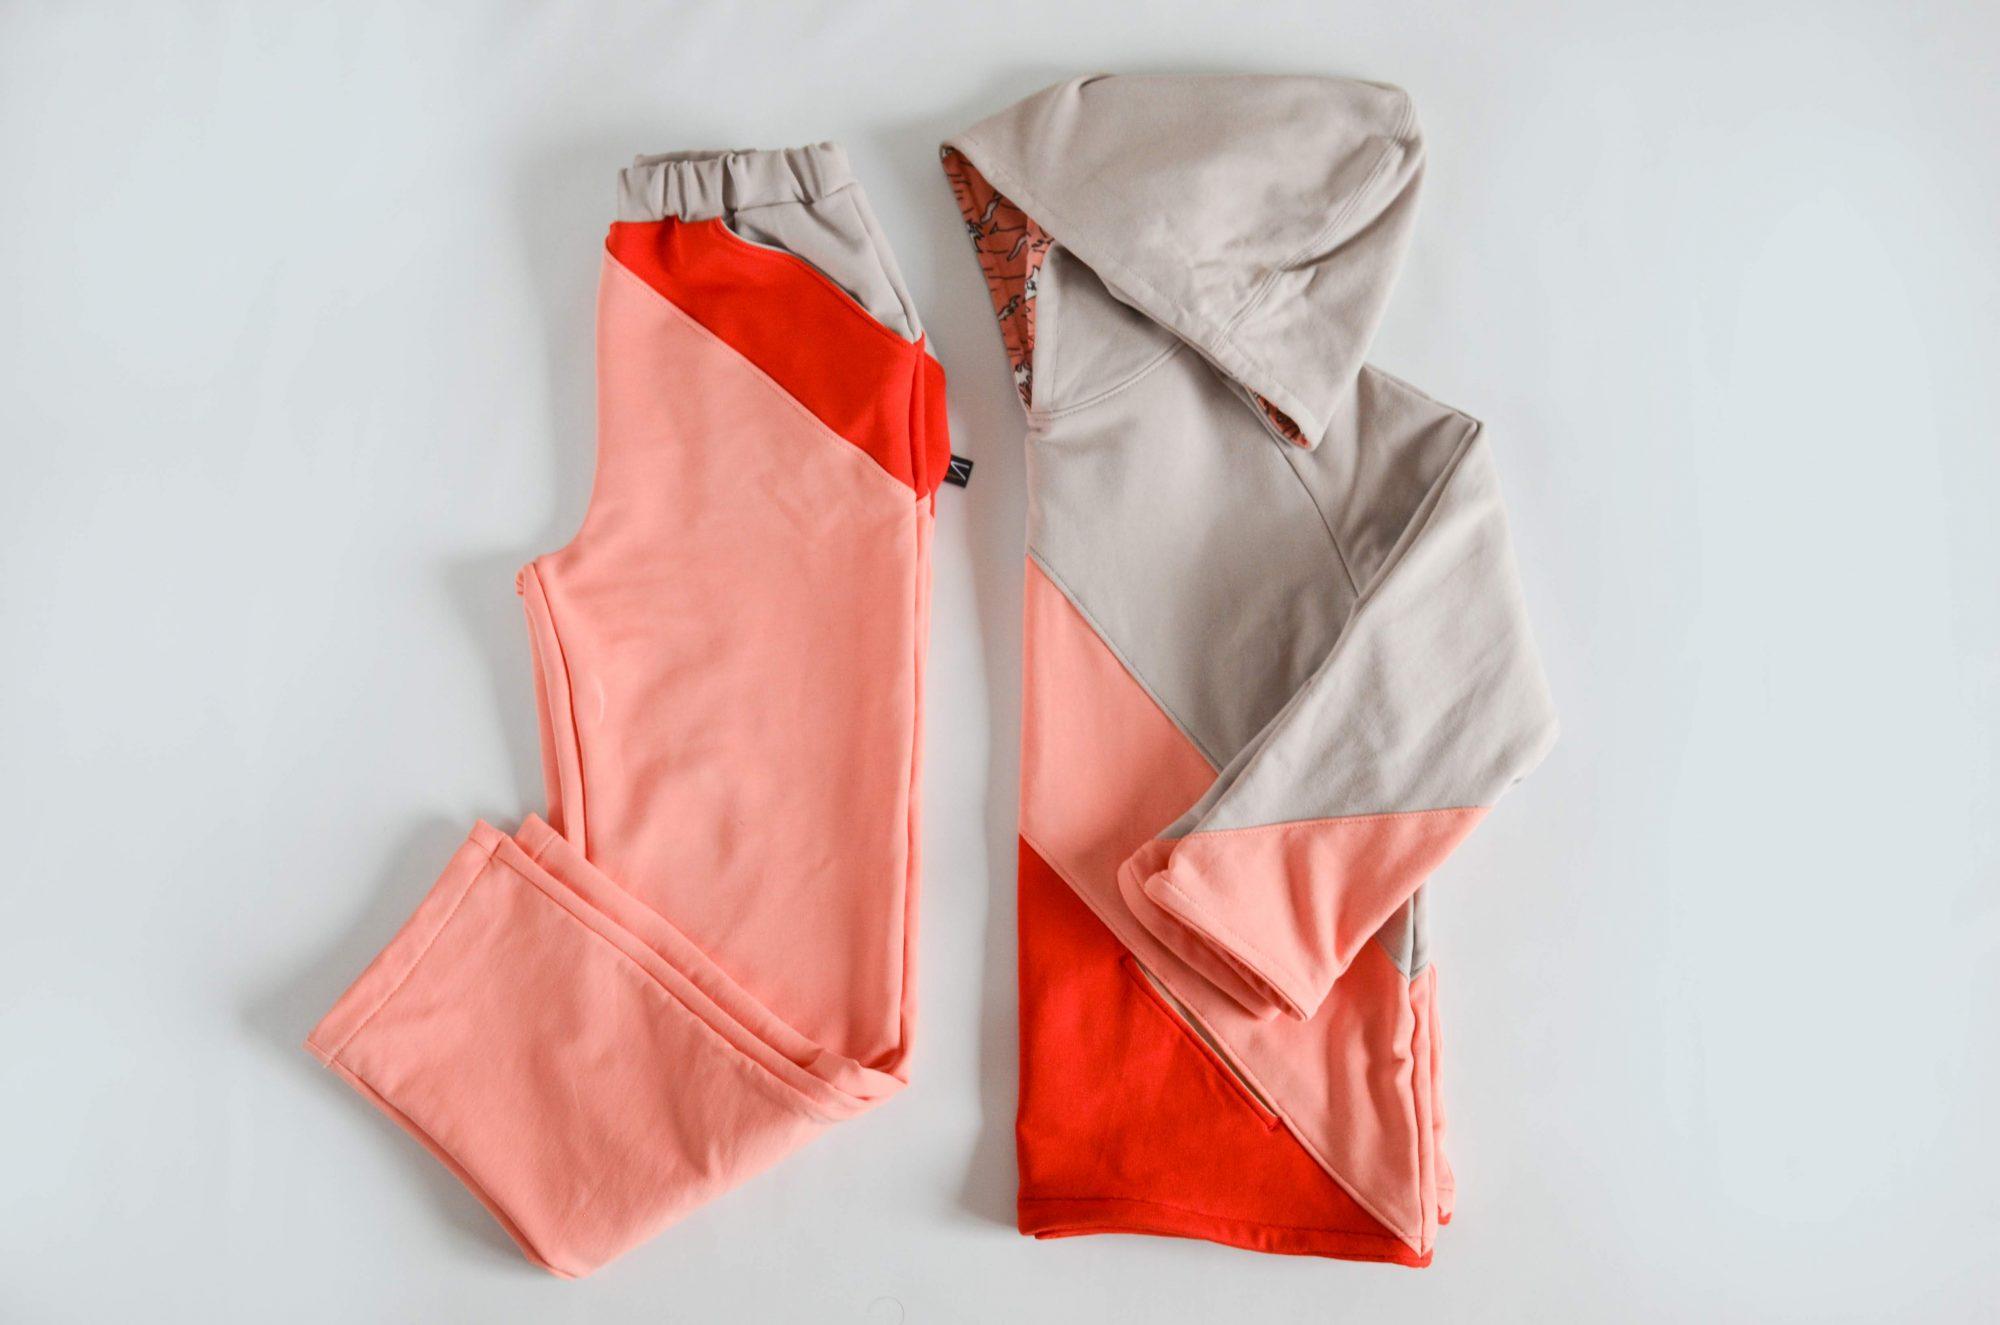 Pantalones Uvedoble – Nuevo patrón